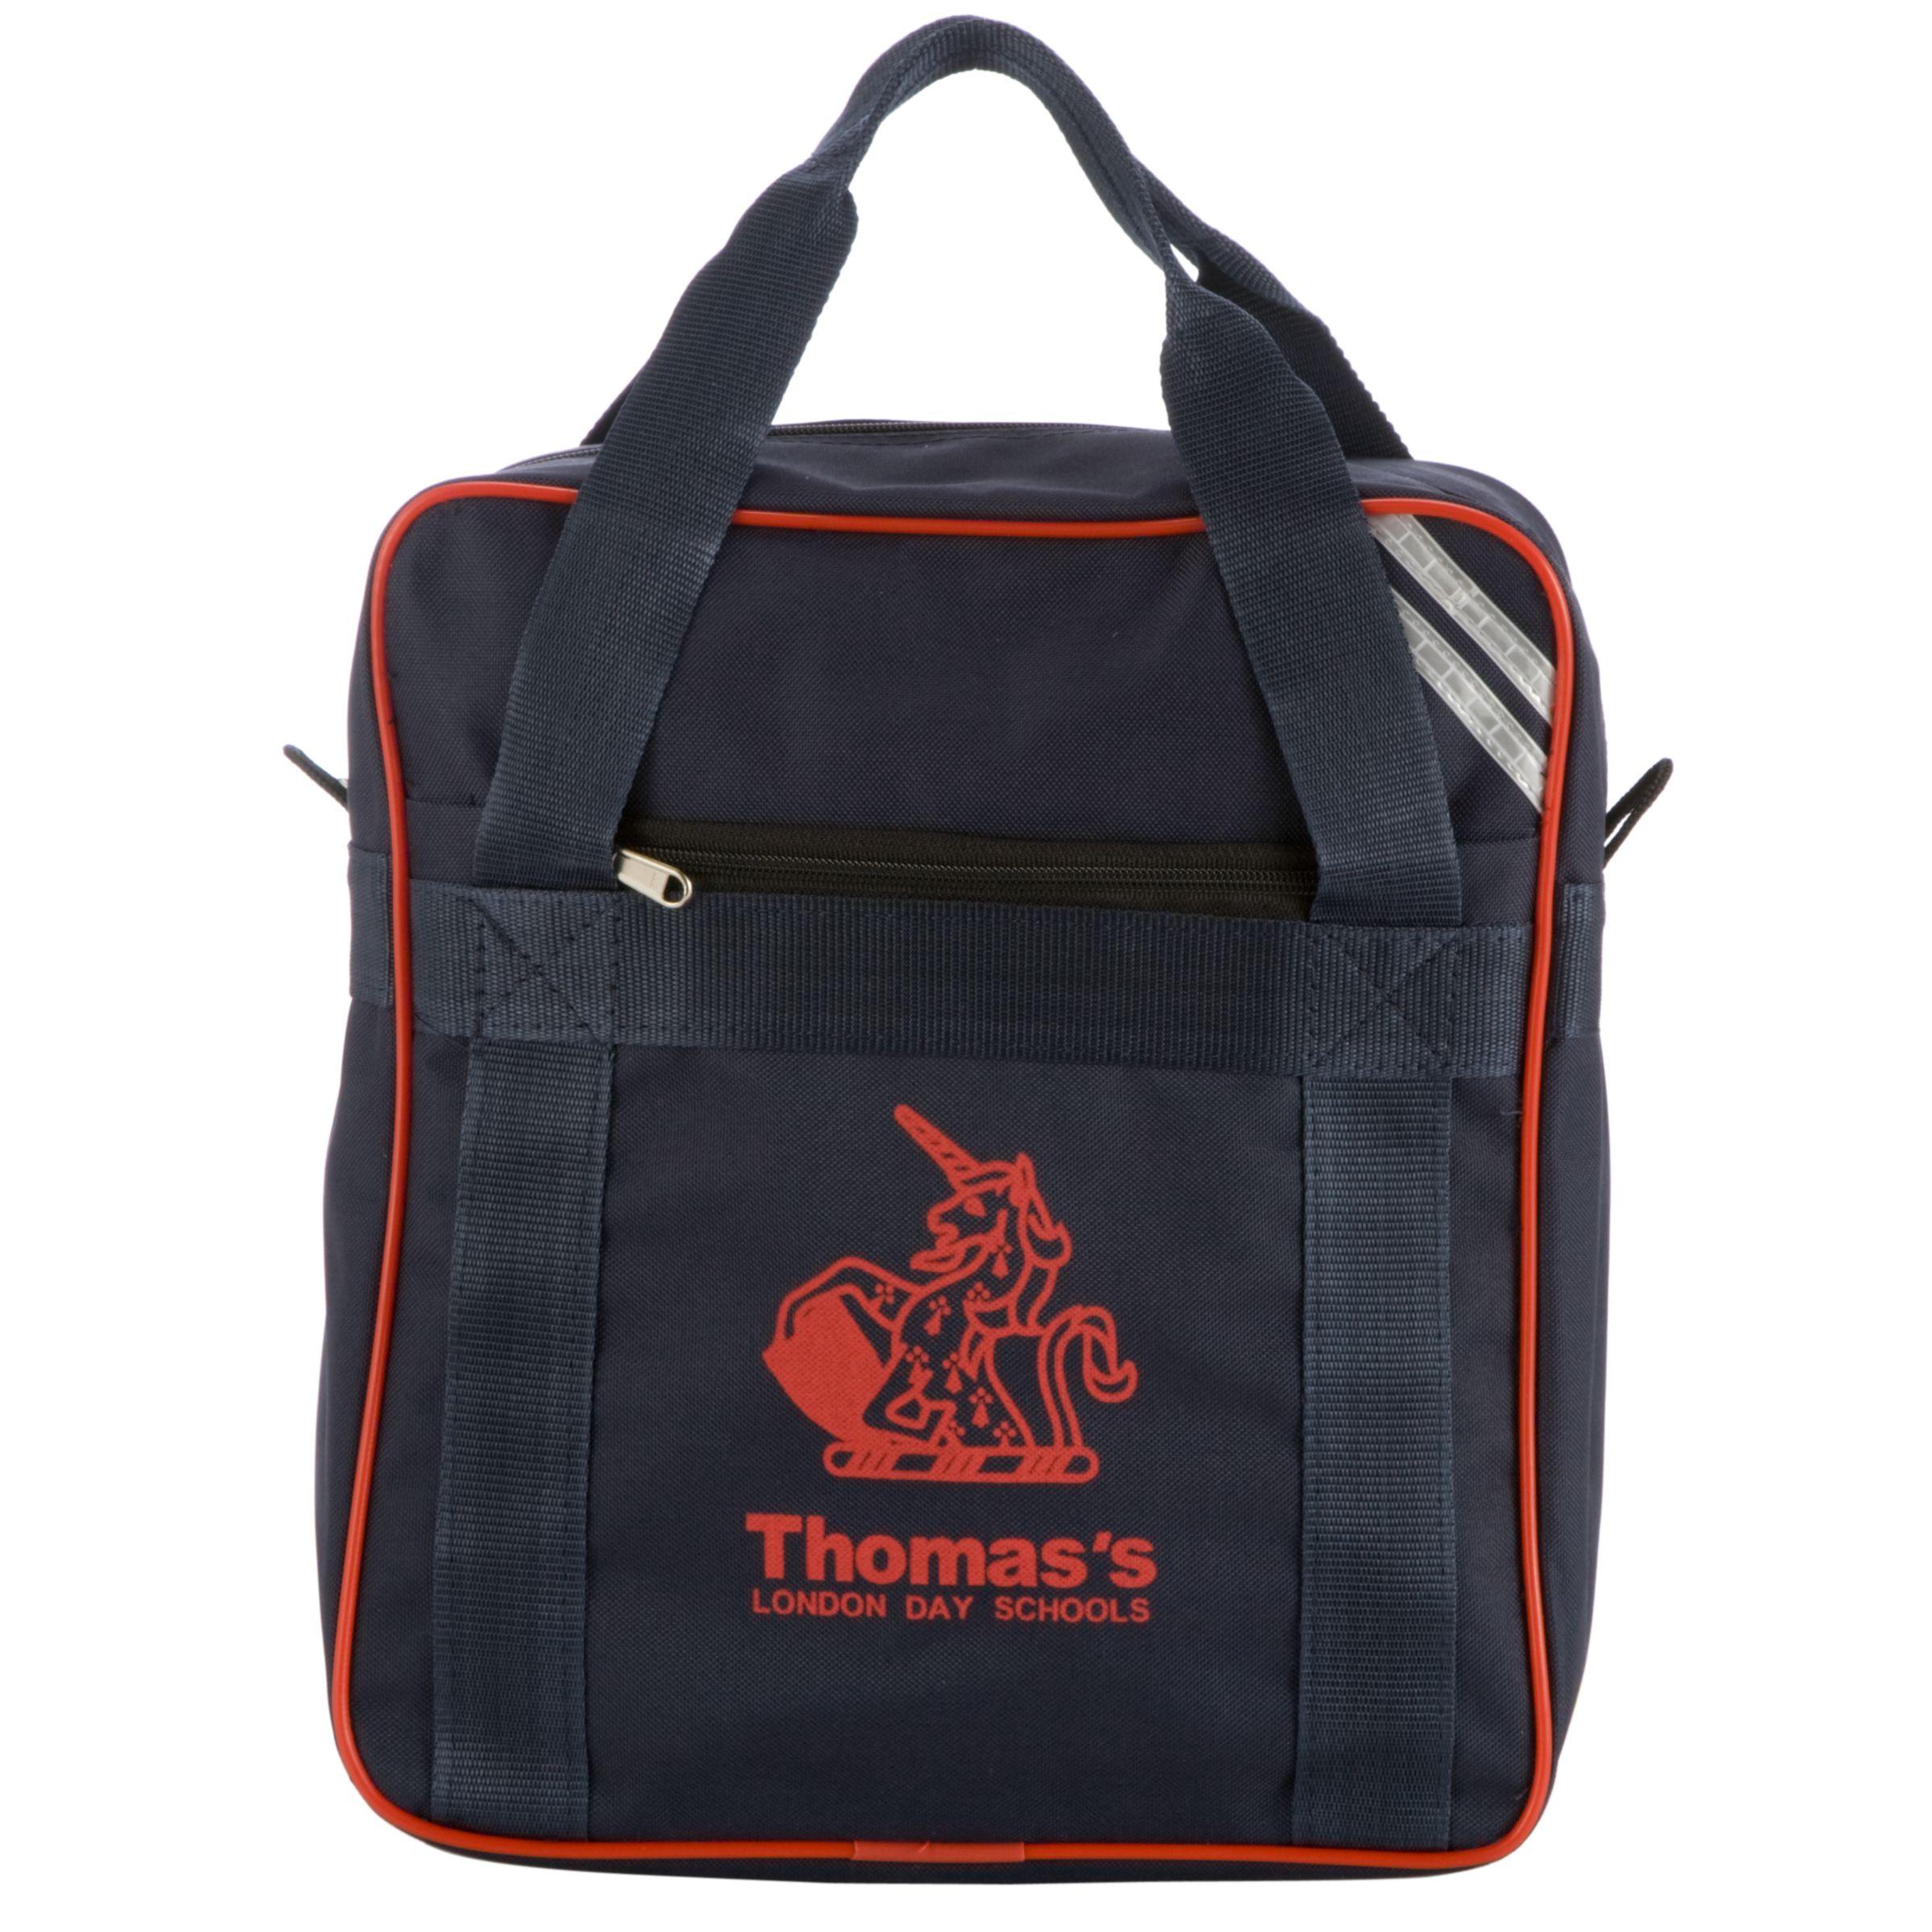 Thomass Unisex Reception - Year 5 Rucksack,